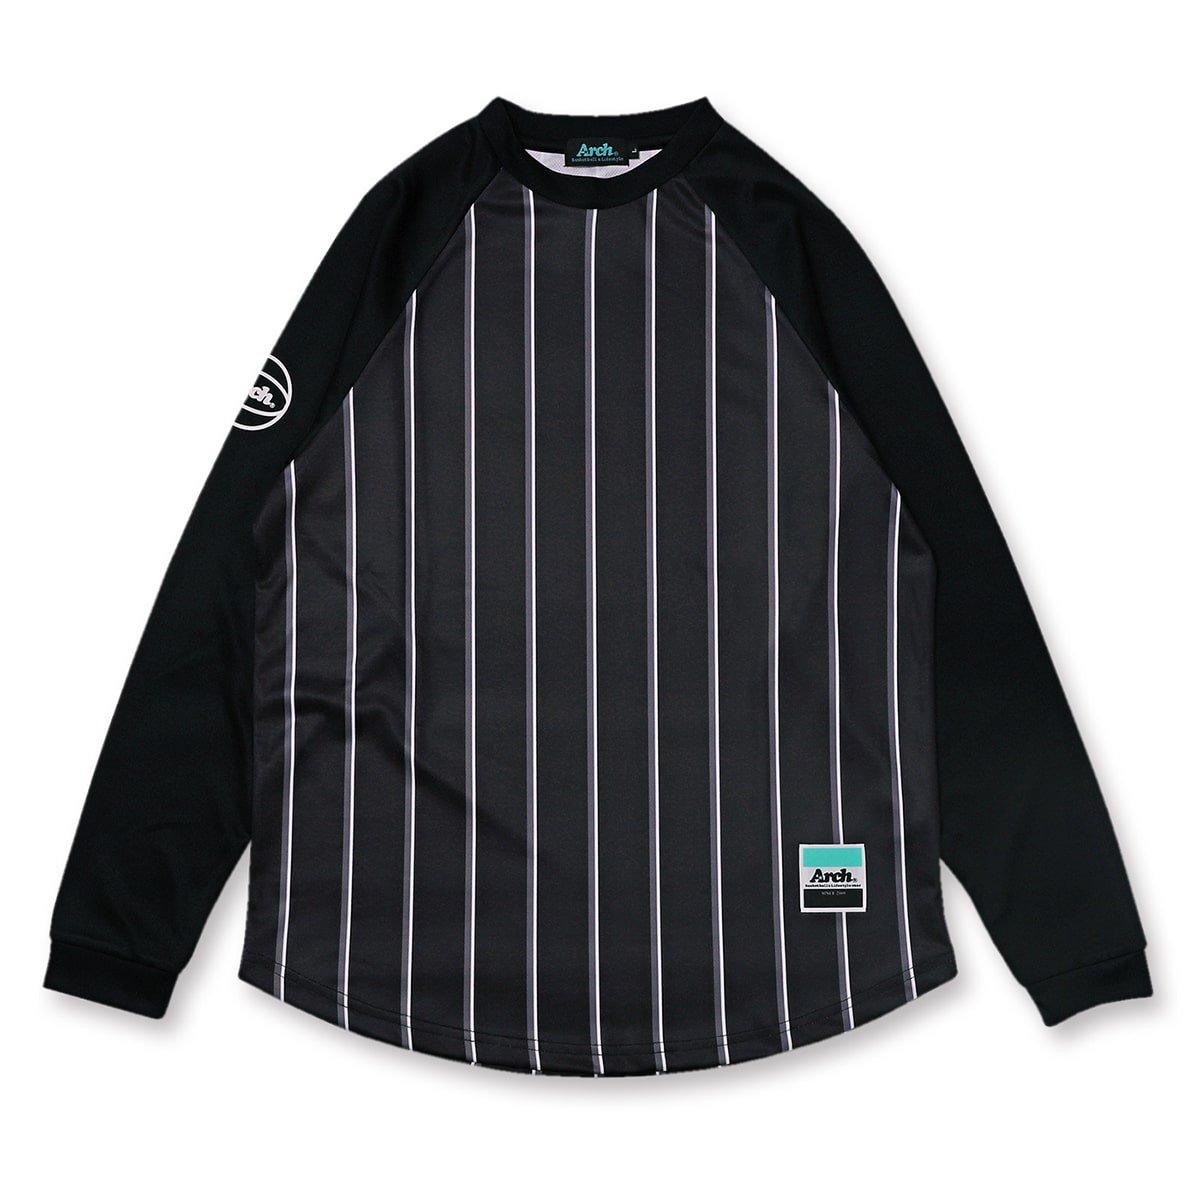 バスケ アーチアーチ トラッド L/S Tシャツ ブラック